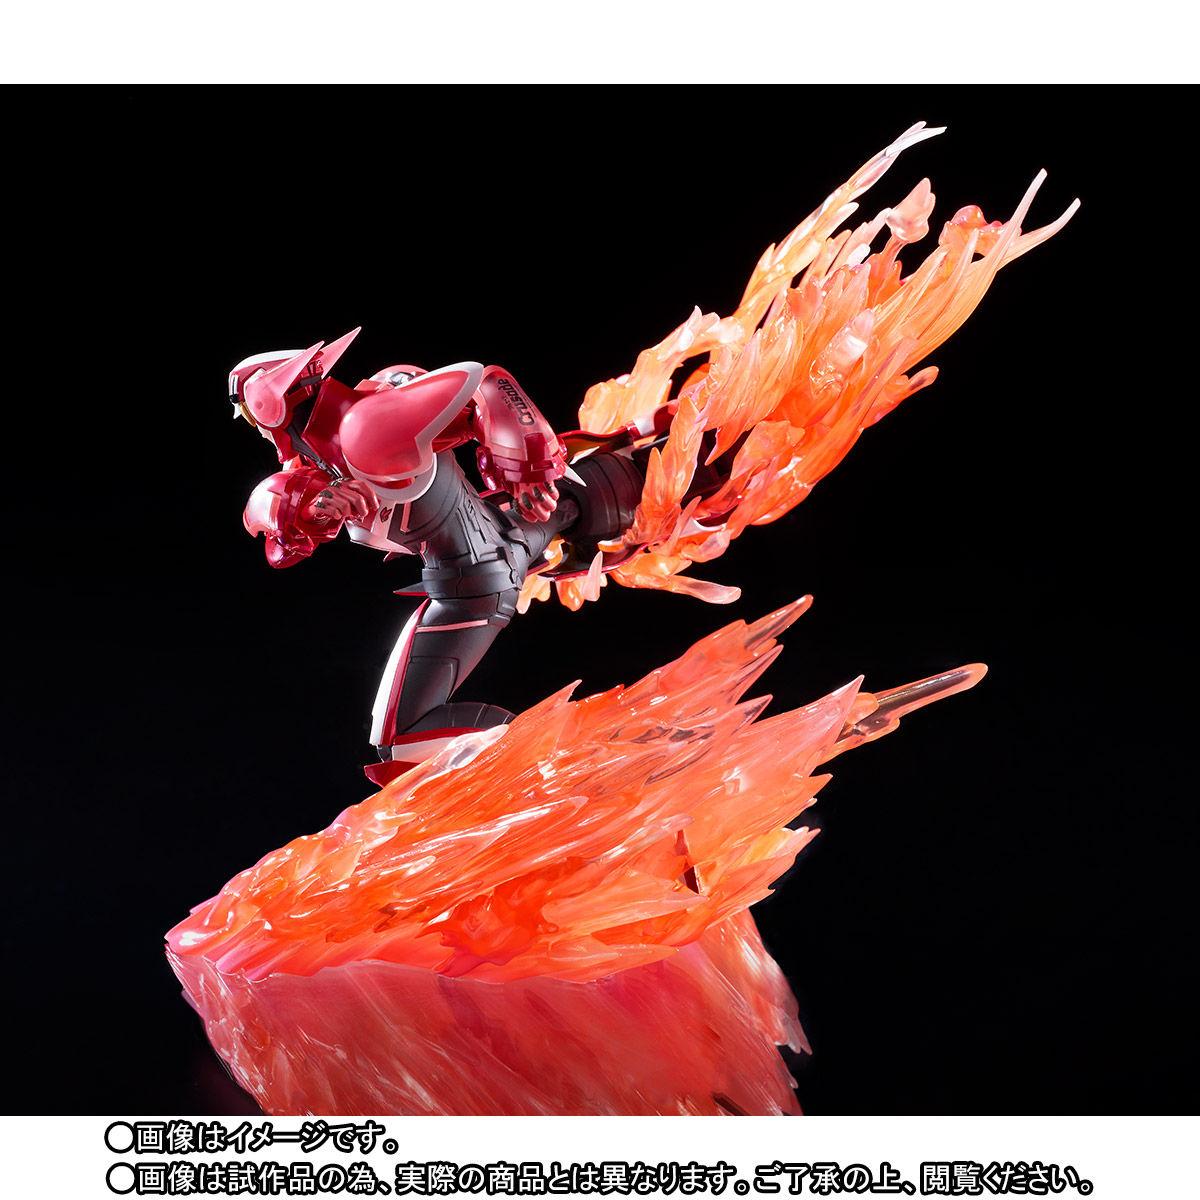 フィギュアーツZERO『バーナビー・ブルックスJr. -BATTLE STYLE-』TIGER & BUNNY 完成品フィギュア-004